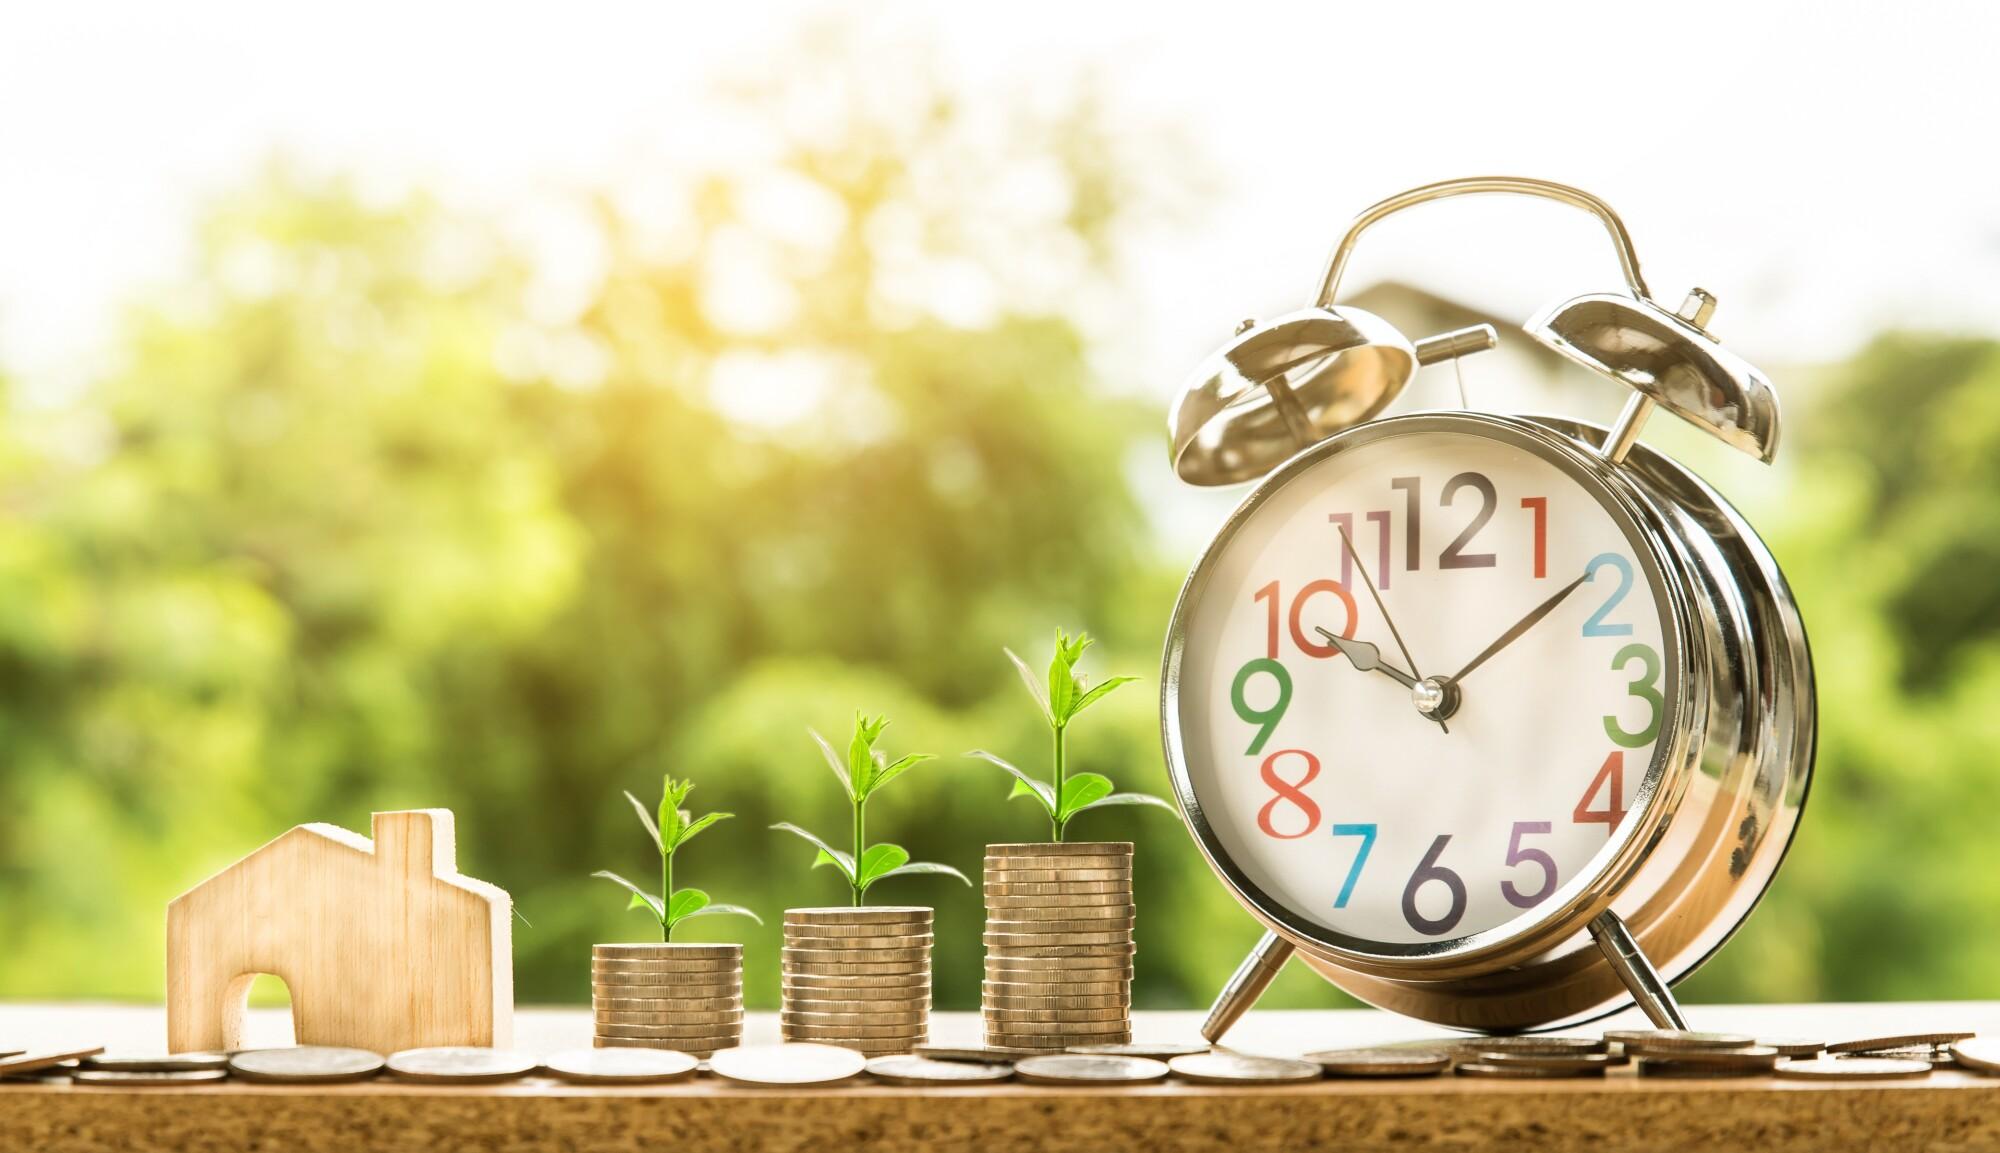 passive income in real estate